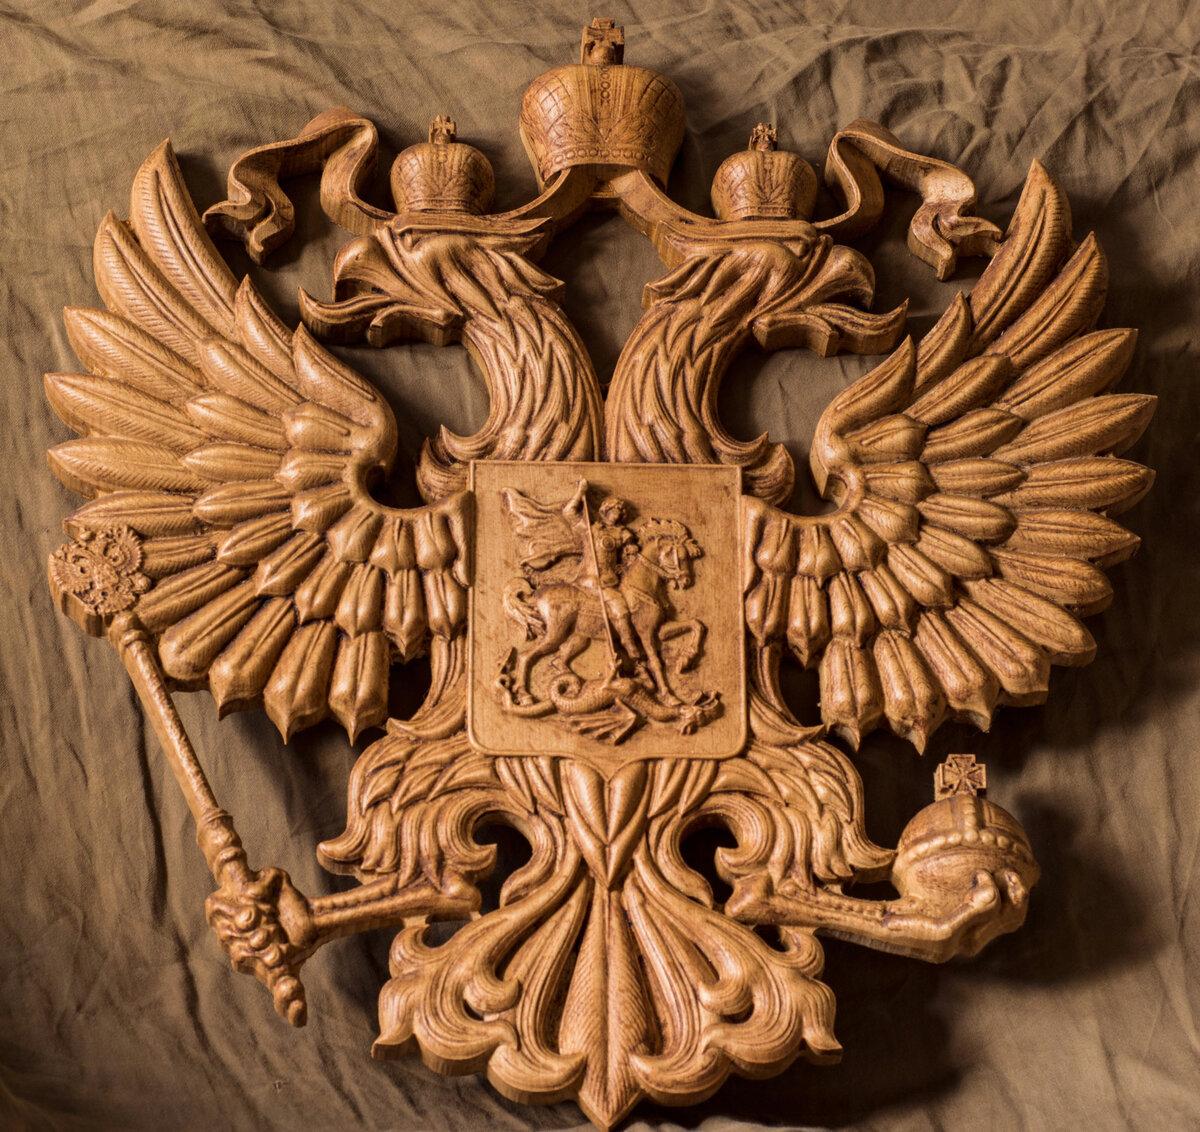 классы изделия из глины герб российской федерации фото месте найдете